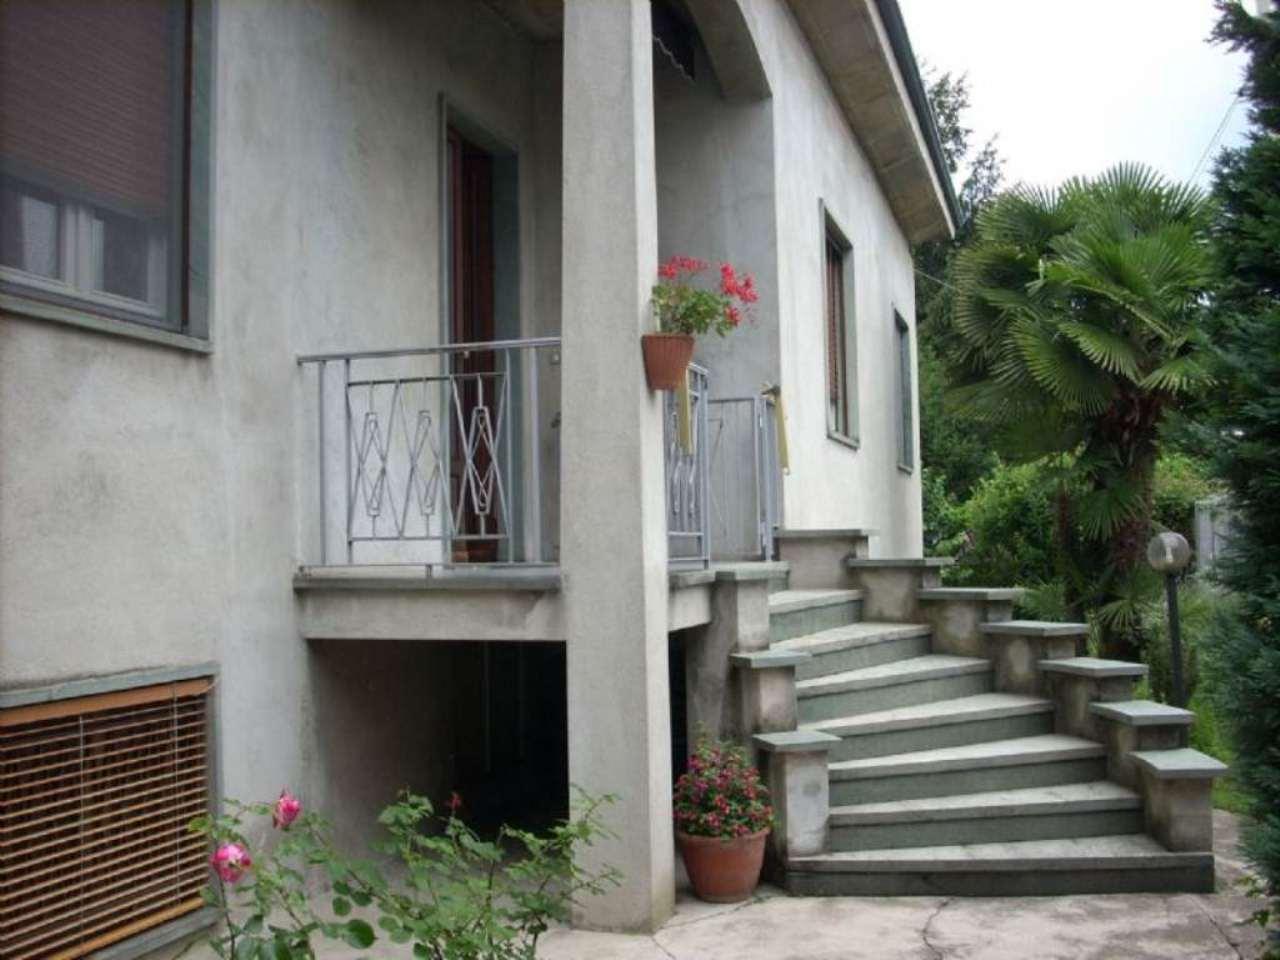 Villa in vendita a Marnate, 9999 locali, Trattative riservate | Cambio Casa.it